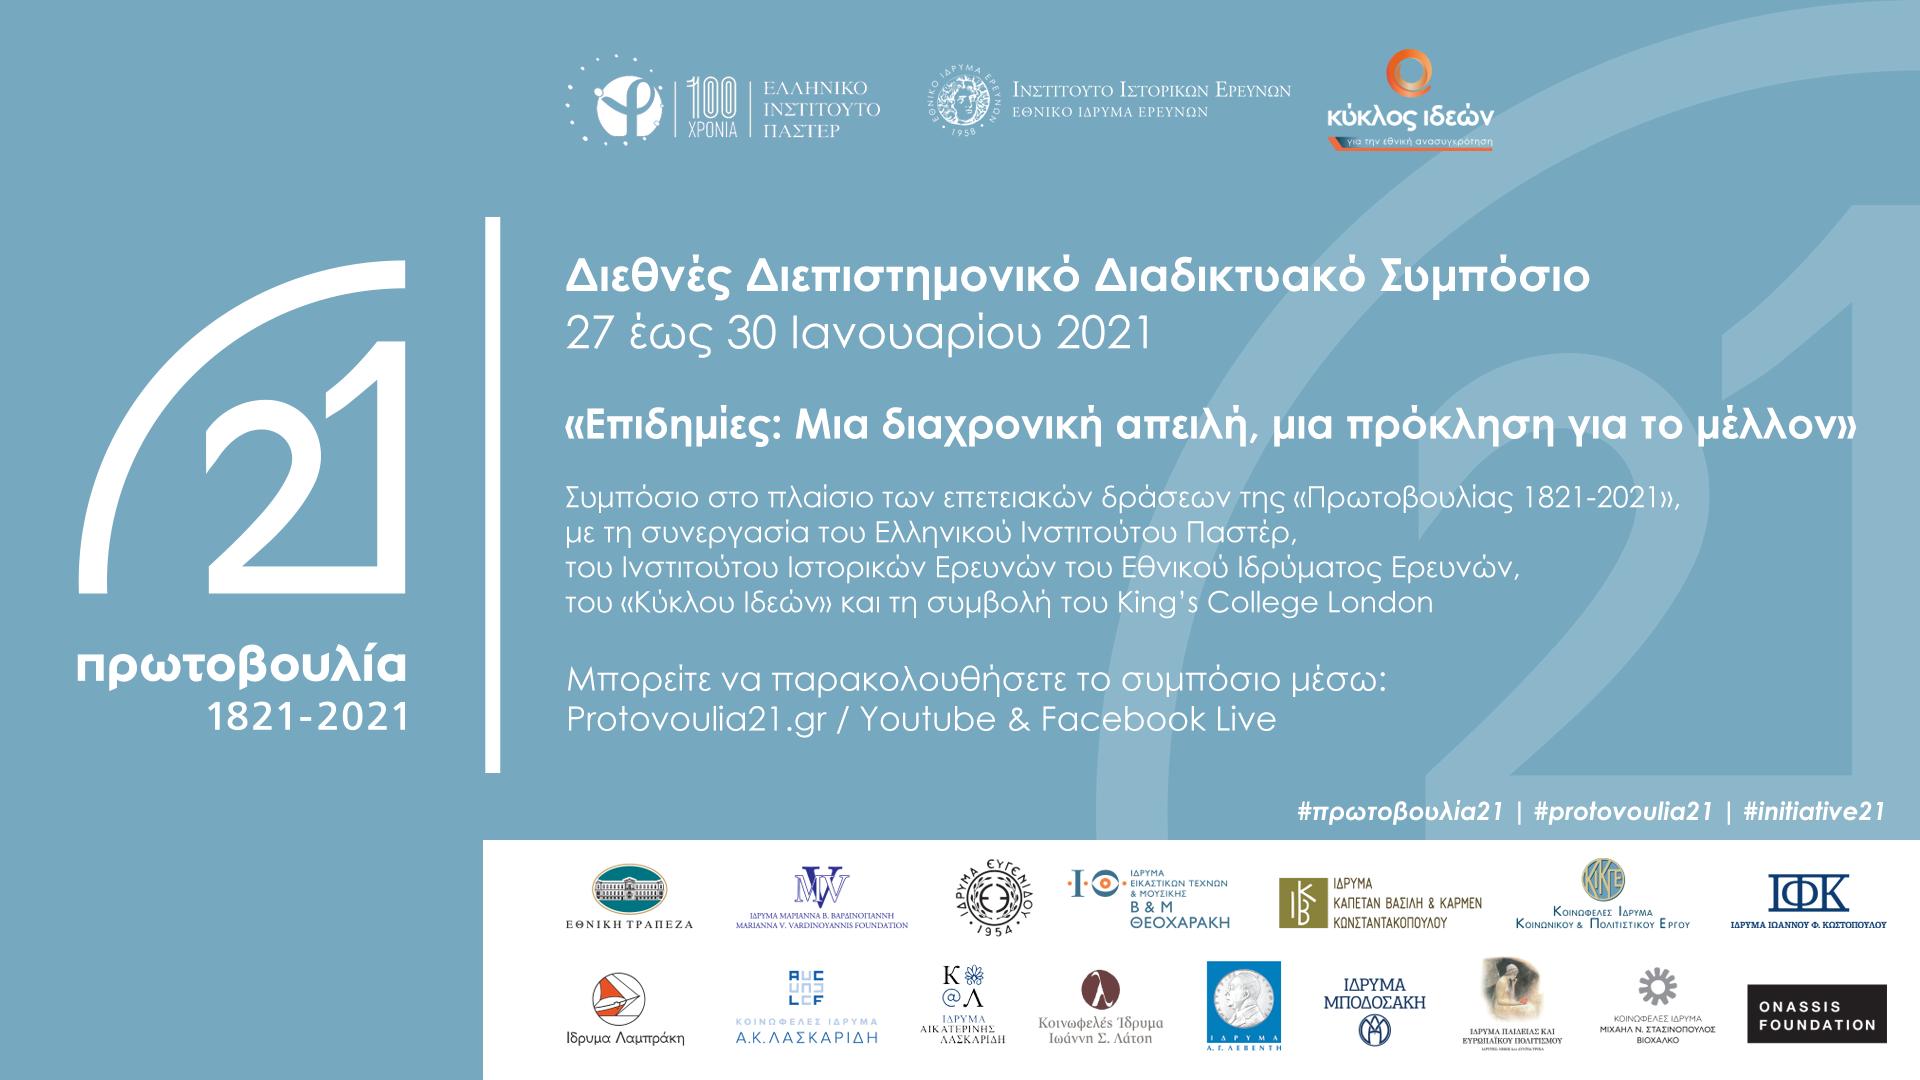 «Επιδημίες: Μια διαχρονική απειλή, μια πρόκληση για το μέλλον» - Συμπόσιο στο πλαίσιο επετειακών δράσεων της «Πρωτοβουλίας 1821-2021»